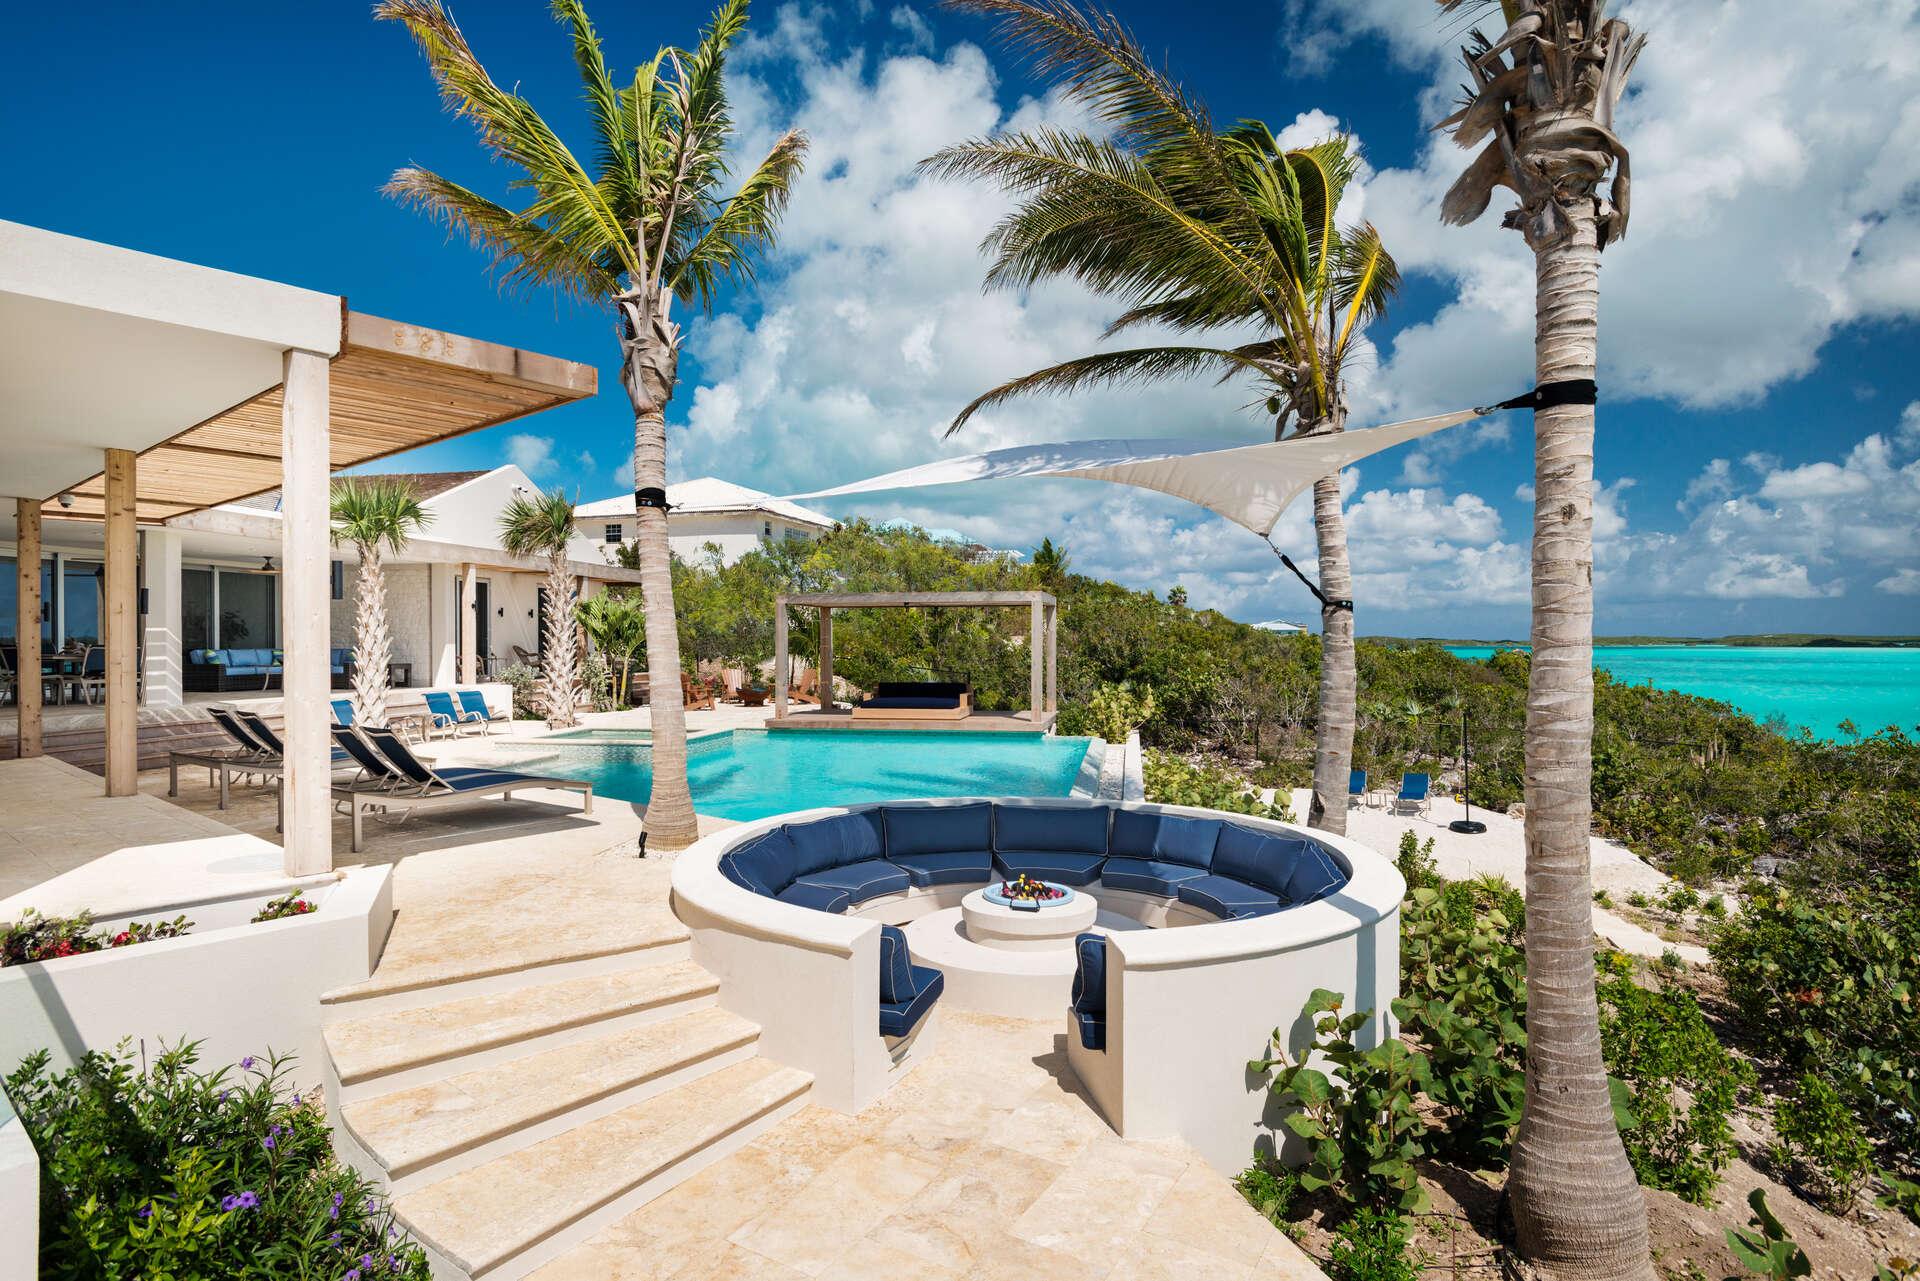 Luxury villa rentals caribbean - Turks and caicos - Providenciales - Chalk sound - Alinna - Image 1/19